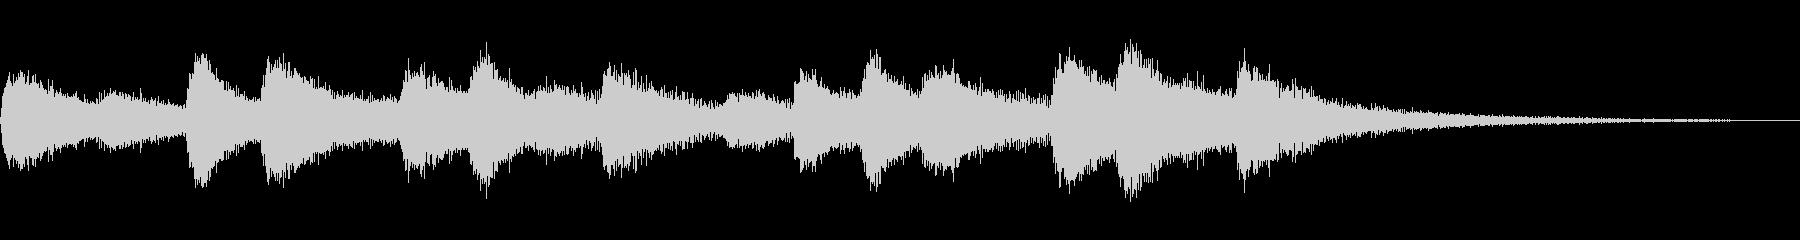 クロックタワーベルリング;ヴィンテ...の未再生の波形